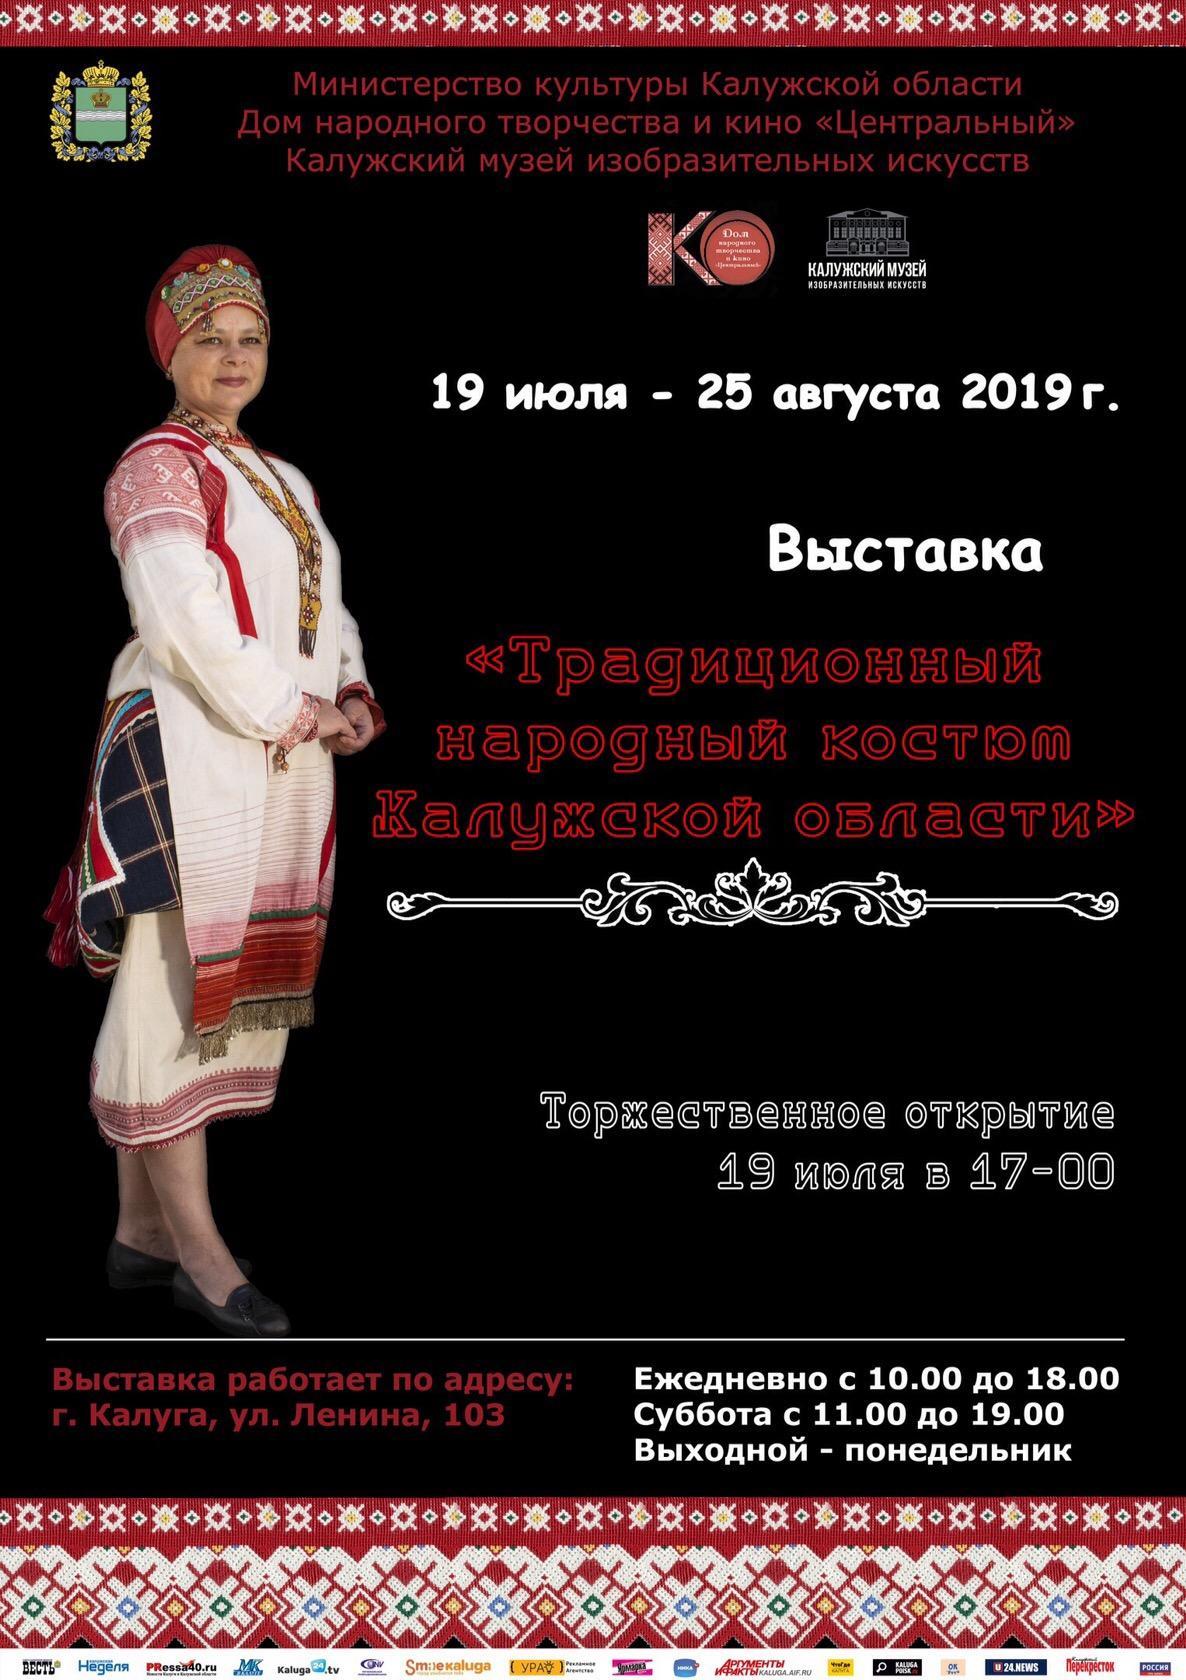 vystavka-kaluzhskij-zhenskij-narodnyj-kostyum